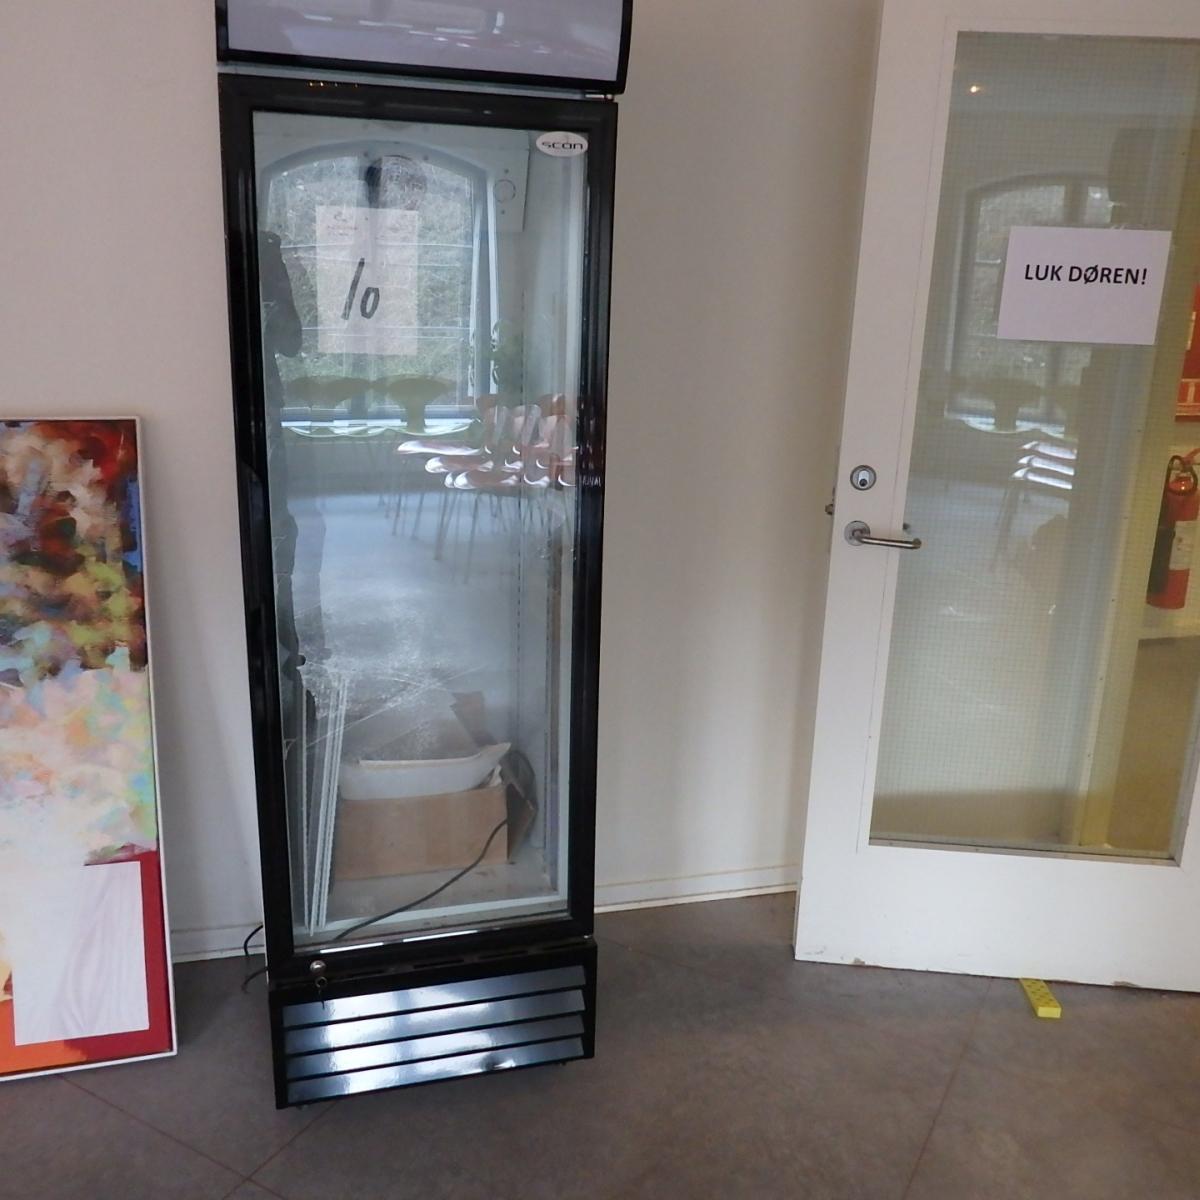 Kühlschrank mit Glastür SCAN COOL 200 x 60 x 60 cm - KJ Auktion ...